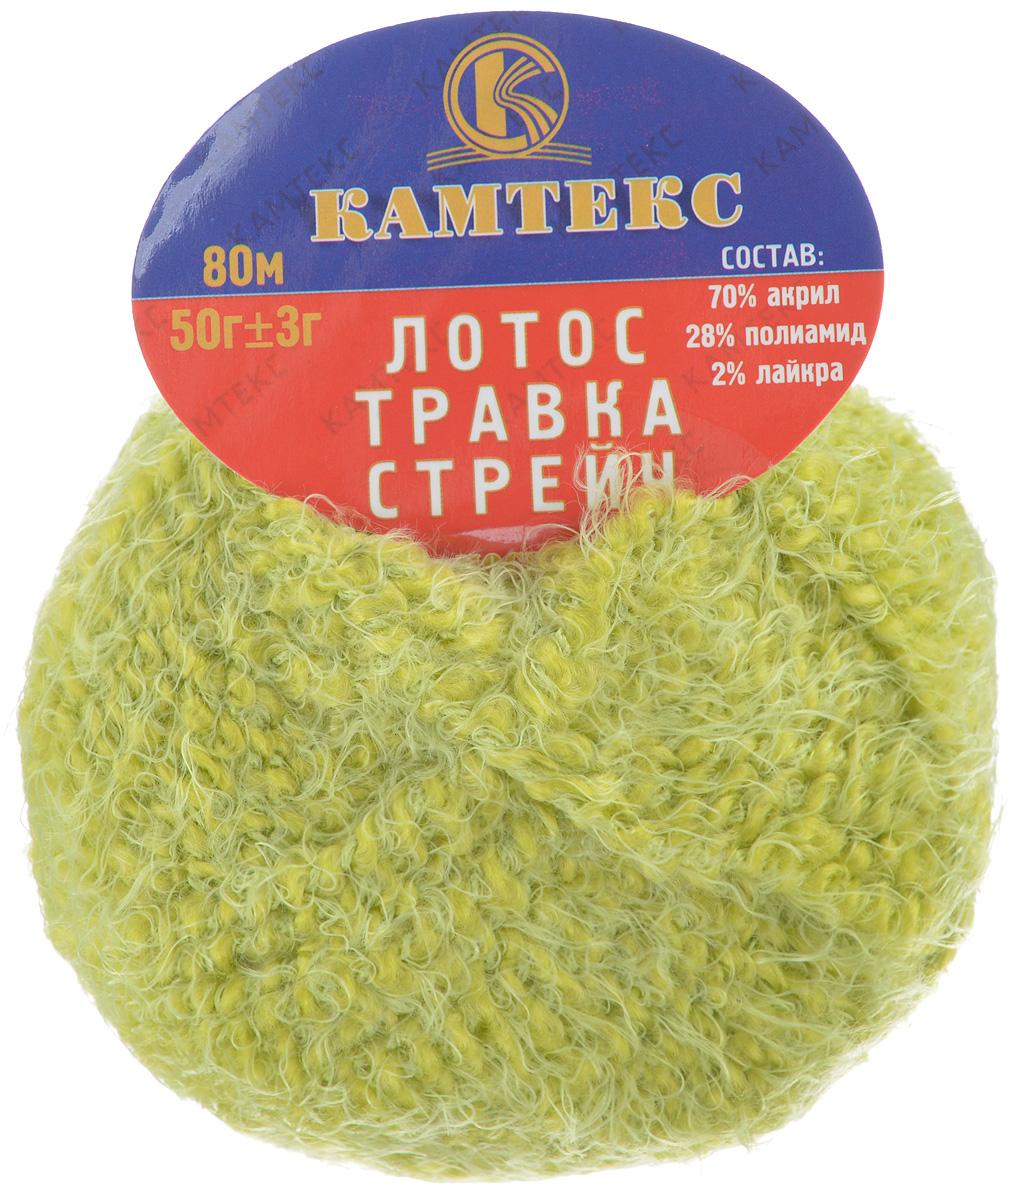 Пряжа для вязания Камтекс Лотос травка стрейч, цвет: салатовый (026), 80 м, 50 г, 10 шт136081_026Пряжа для вязания Камтекс Лотос травка стрейч имеет интересный и необычный состав: 70% акрил, 28% полиамид, 2% лайкра. Акрил отвечает за мягкость, полиамид за прочность и формоустойчивость, а лайкра делает полотно необыкновенно эластичным. Эта волшебная плюшевая ниточка удивляет своей мягкостью, вяжется очень просто и быстро, ворсинки не путаются. Из этой пряжи получатся замечательные мягкие игрушки, которые будут не только приятны, но и абсолютно безопасны для маленьких детей. А яркие и сочные оттенки подарят ребенку радость и хорошее настроение. Рекомендуемый размер крючка и спиц: №3-6. Состав: 70% акрил, 28% полиамид, 2% лайкра.